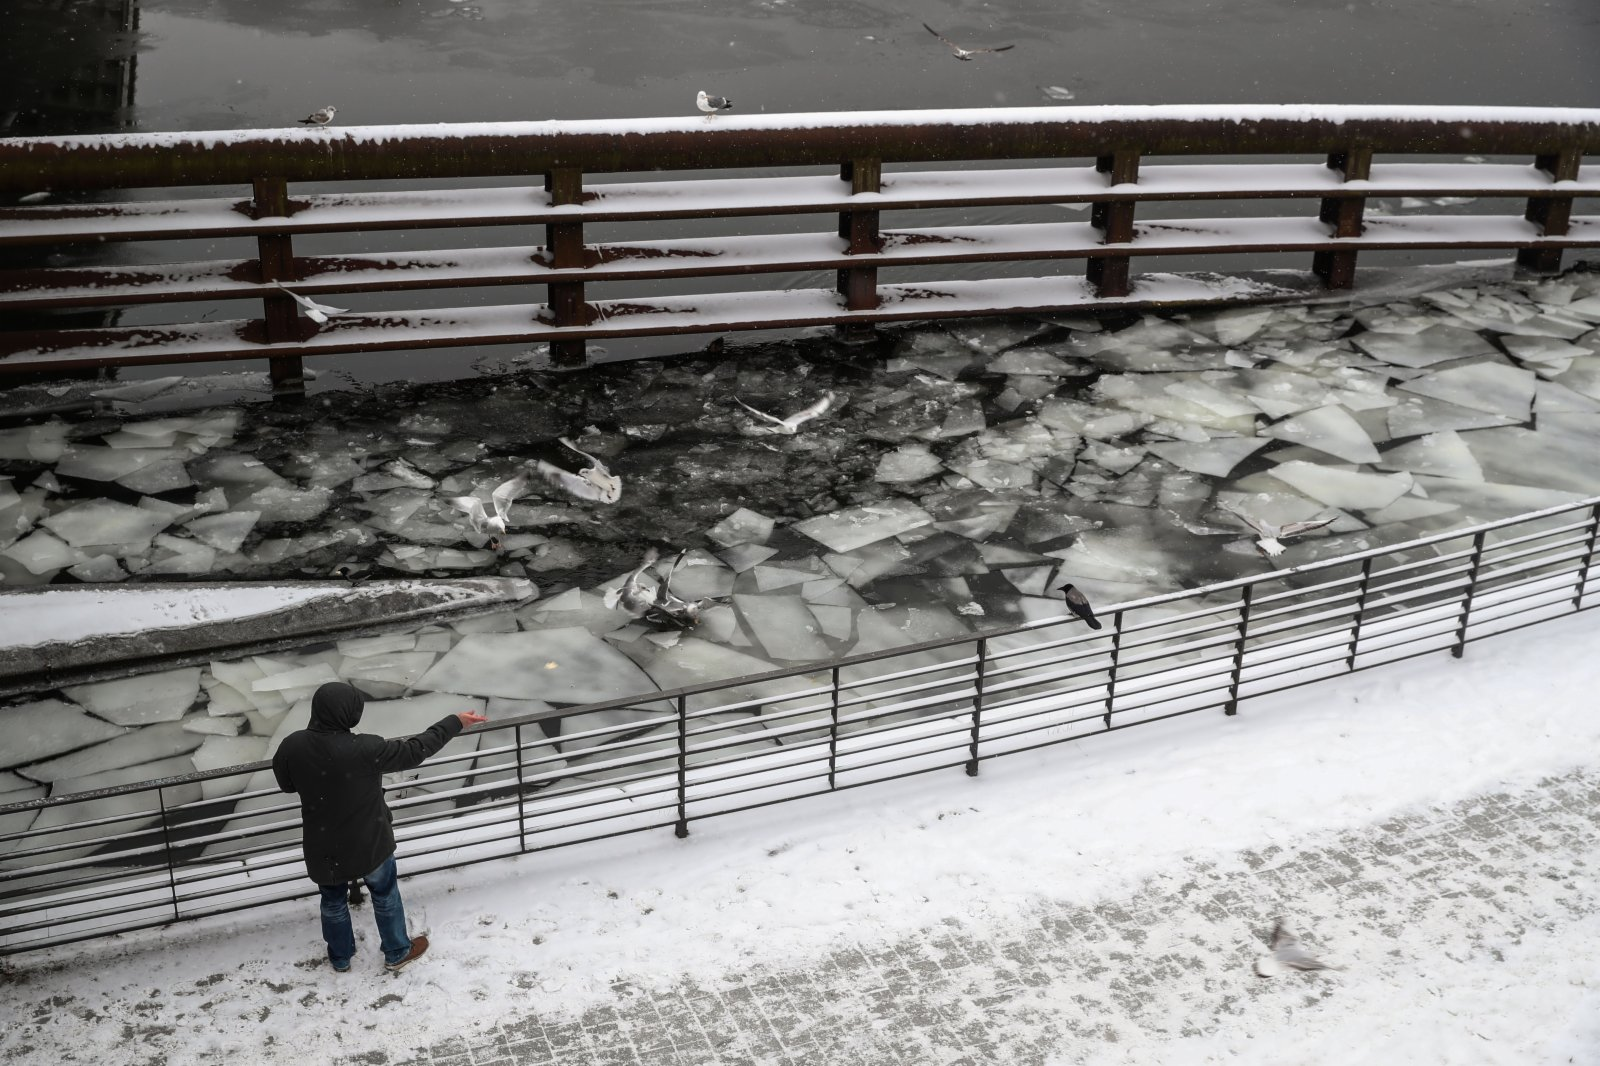 2月9日,一名男子在德國首都柏林施普雷河畔喂鳥。(新華社)